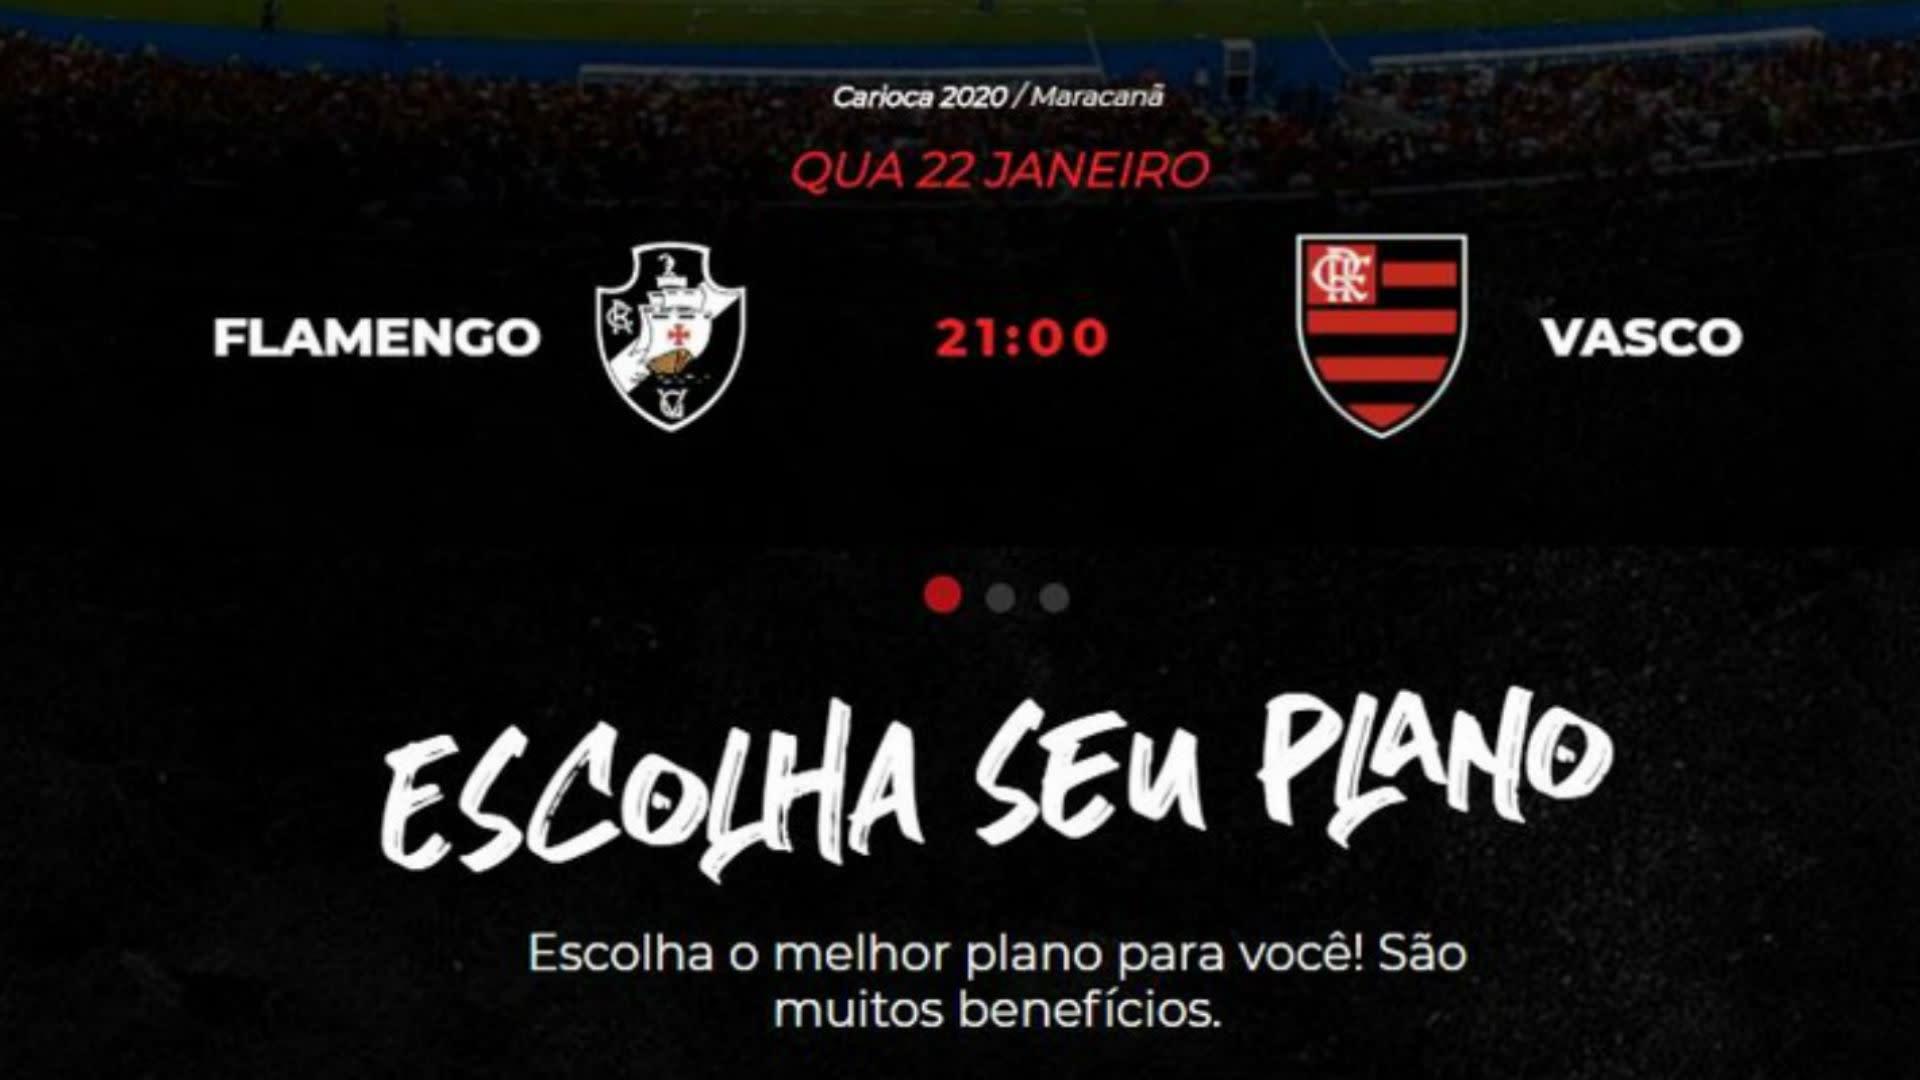 Flamengo Troca Seu Escudo Pelo Do Vasco Em Site E Revolta